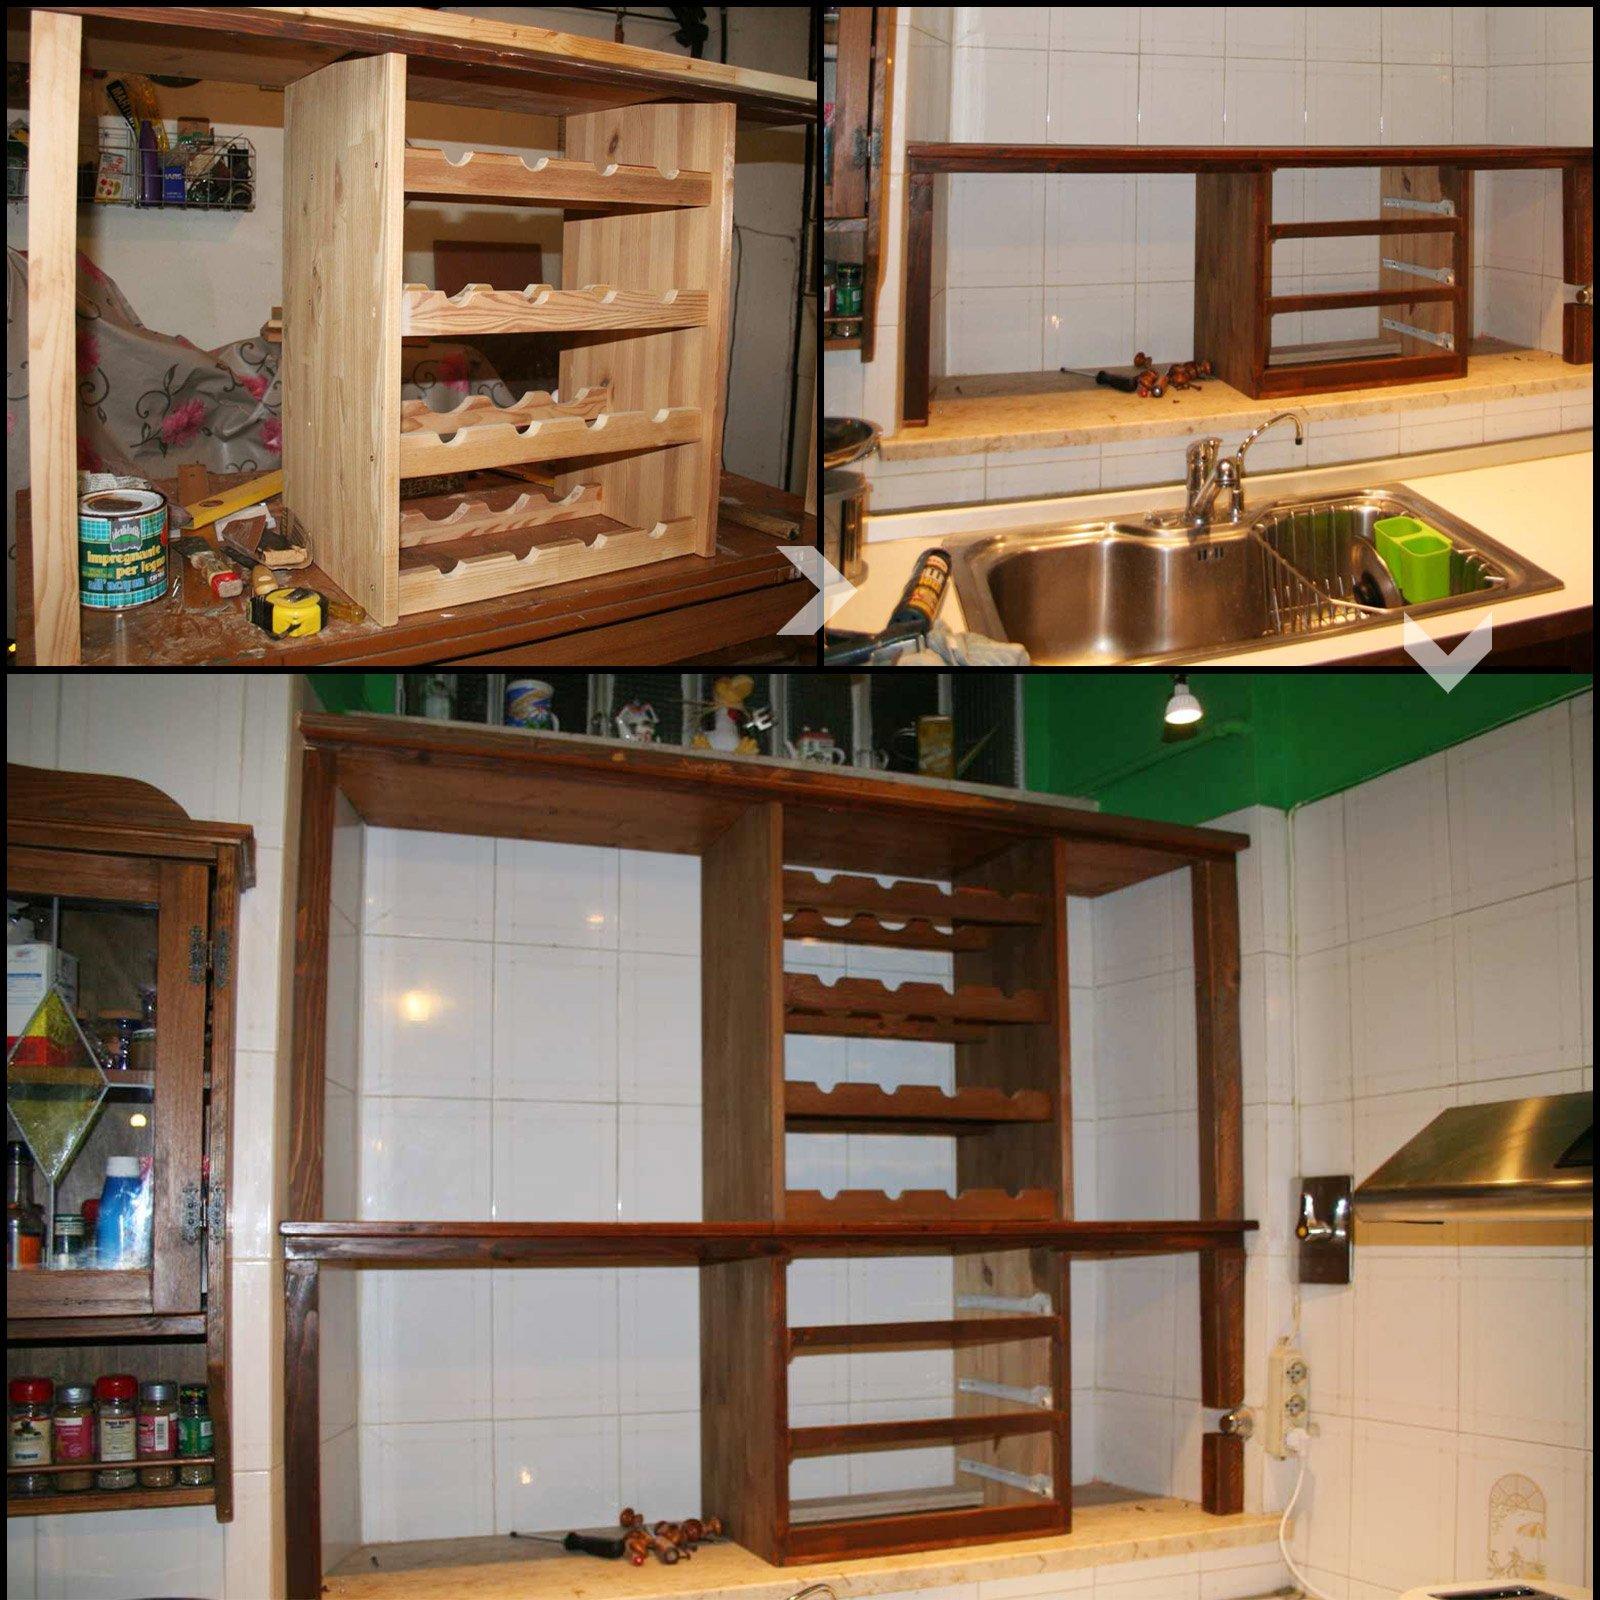 Il mobile cucina che sfrutta la nicchia cose di casa - Parete in legno fai da te ...